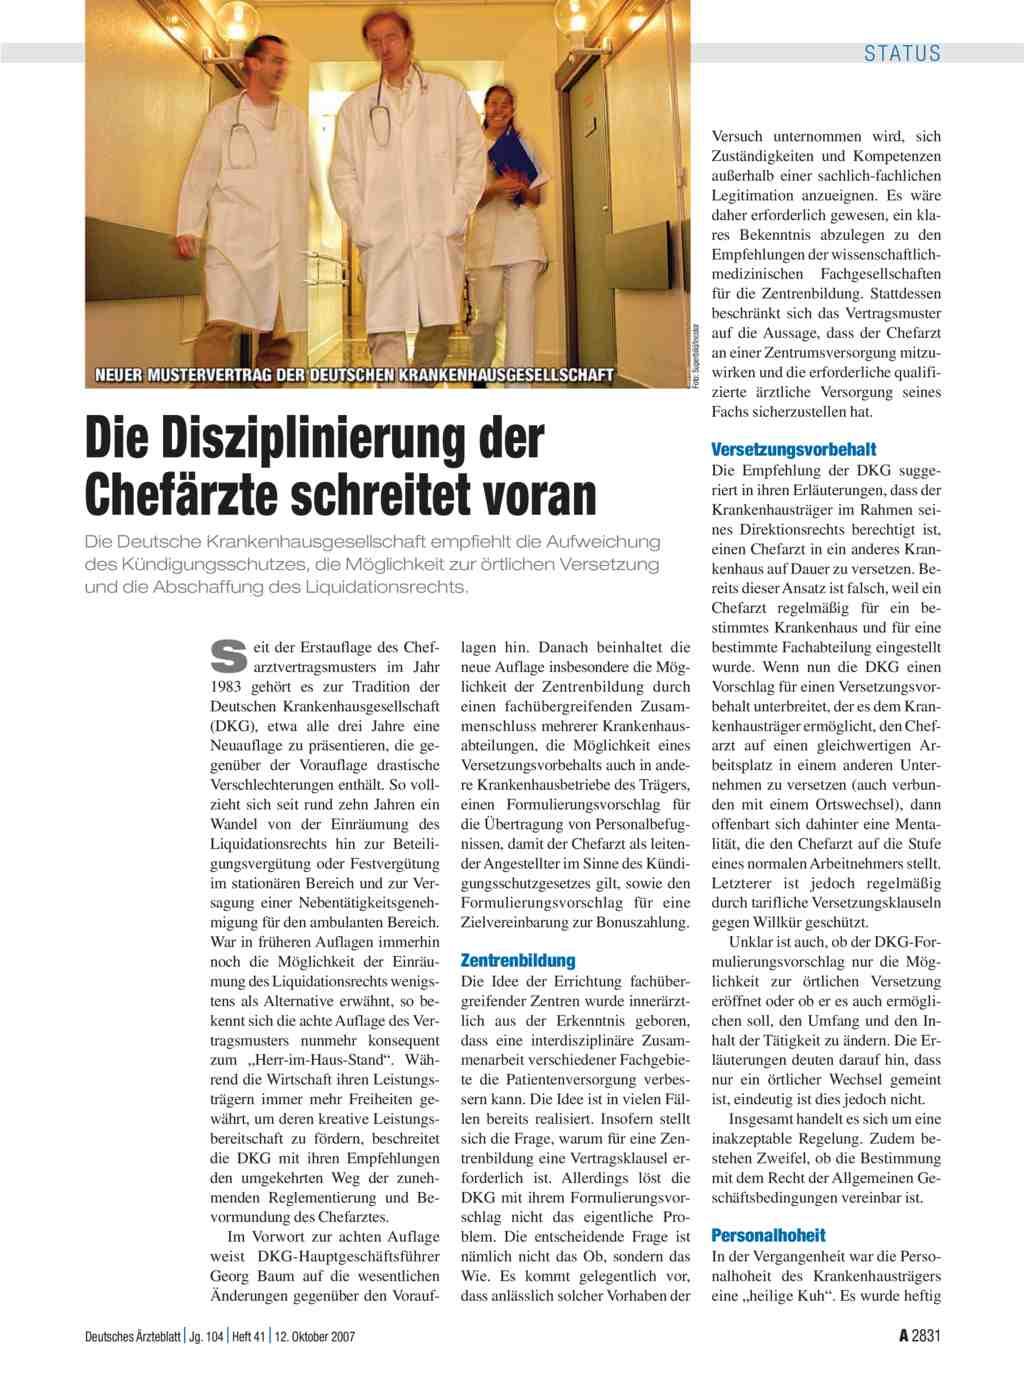 Neuer Mustervertrag Der Deutschen Krankenhausgesellschaft Die